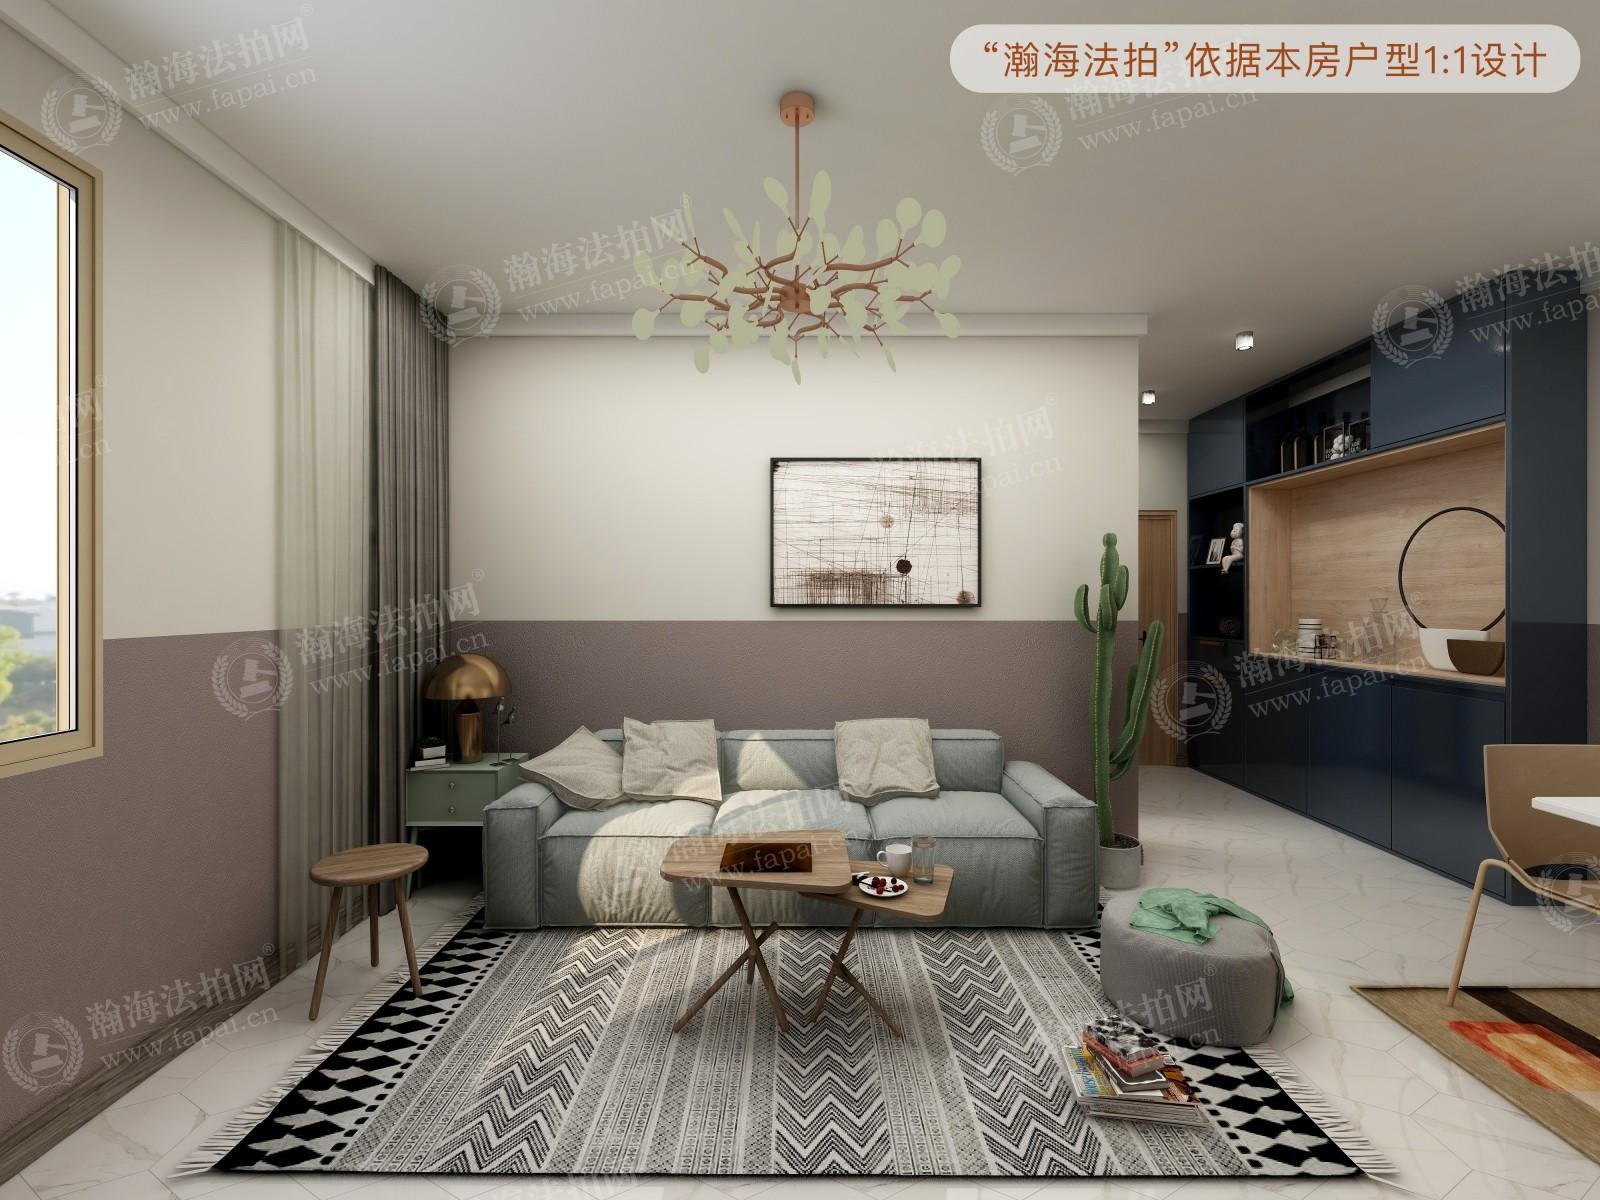 文慧园10号公寓10号楼511室